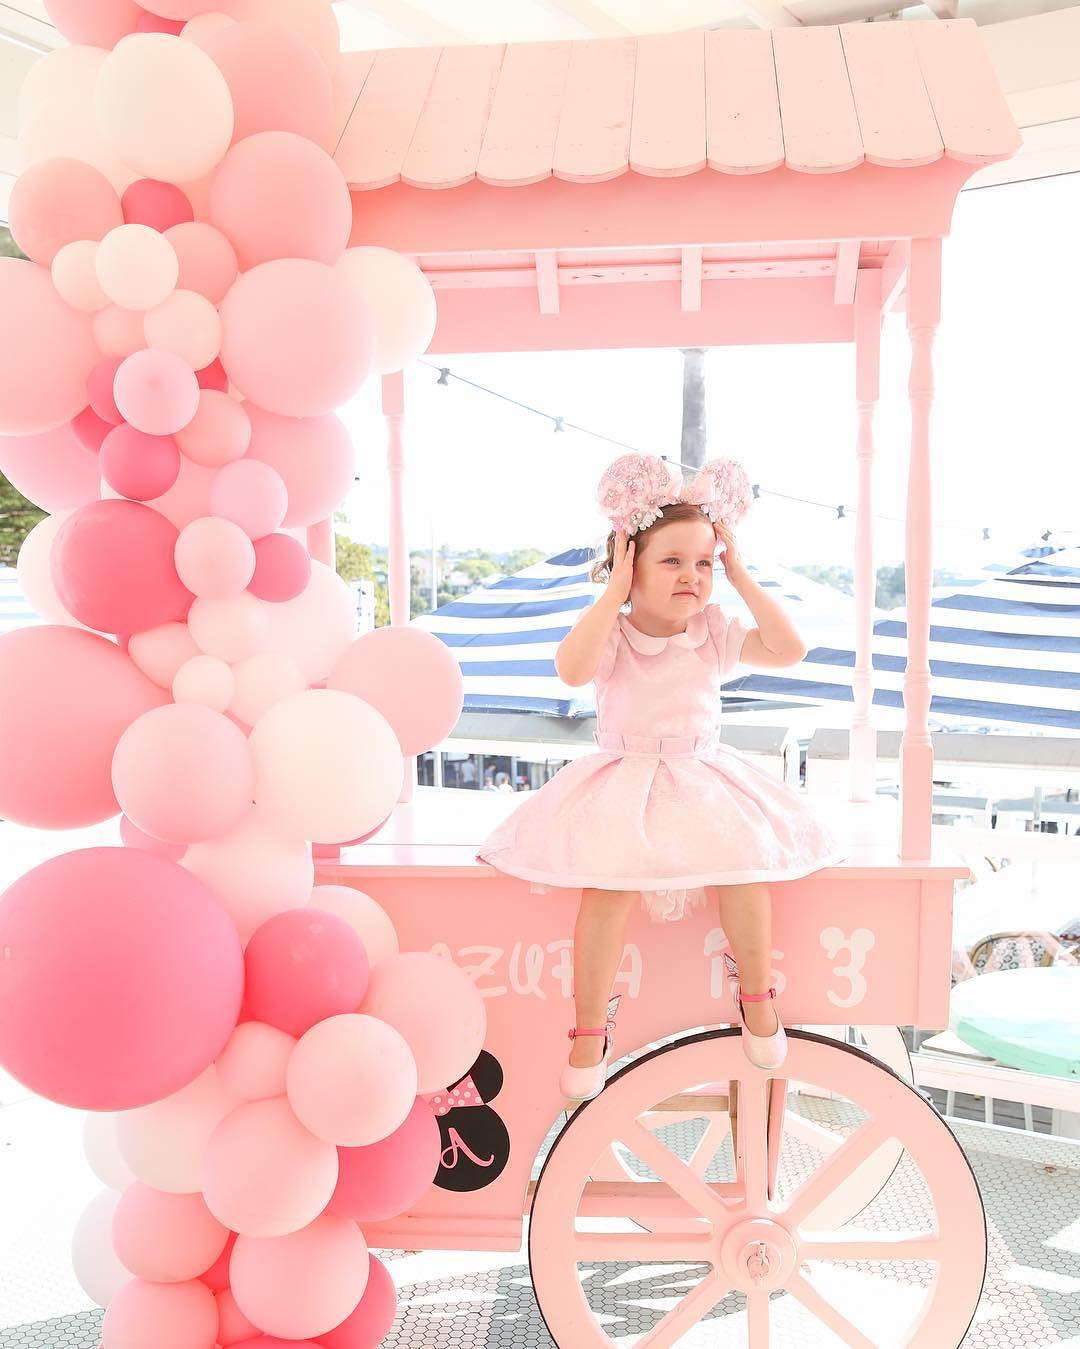 decoracion de fiestas en color rosa cuarzo (7)